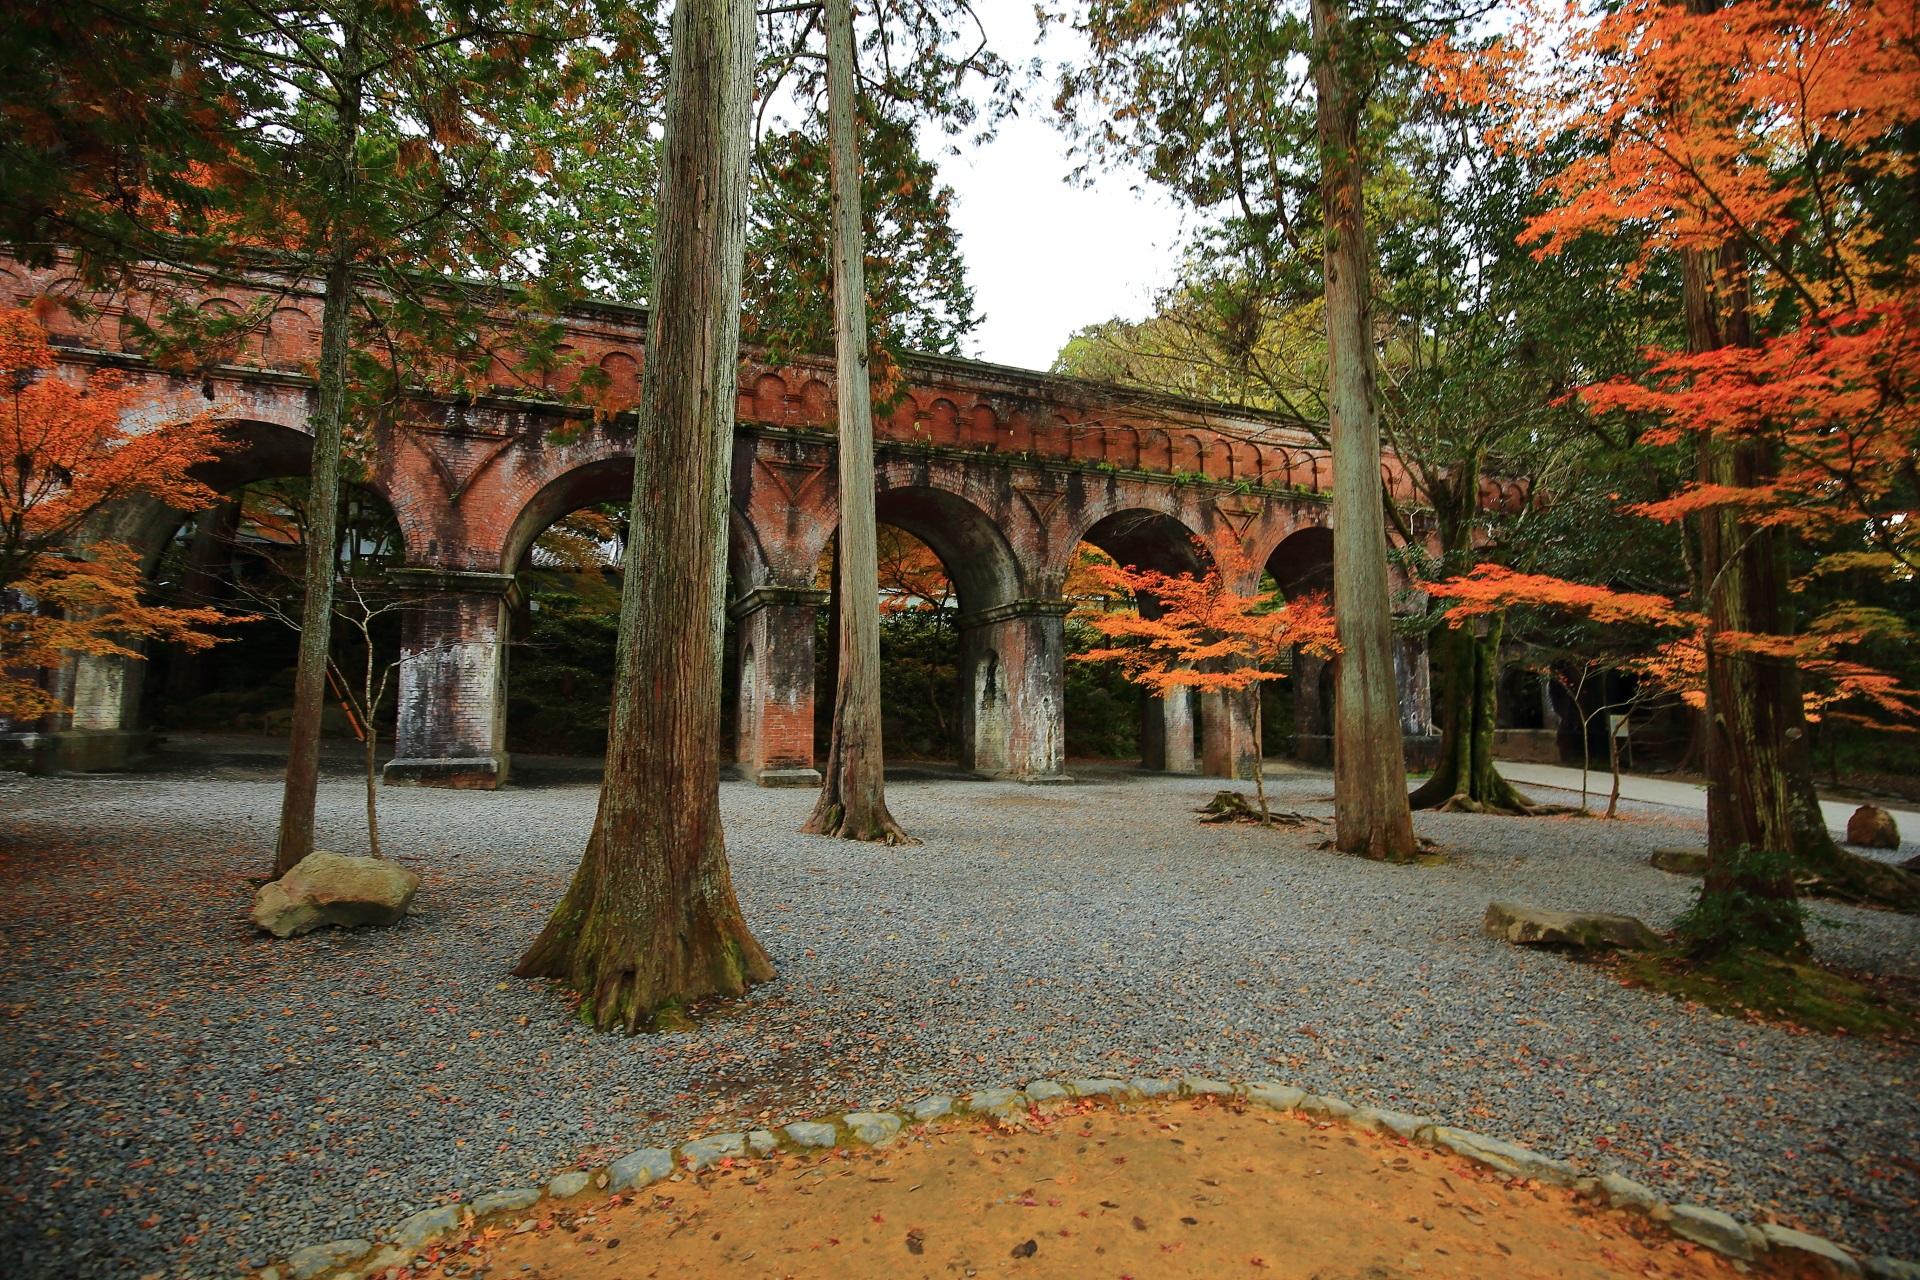 水路閣と紅葉の極上の秋の空間